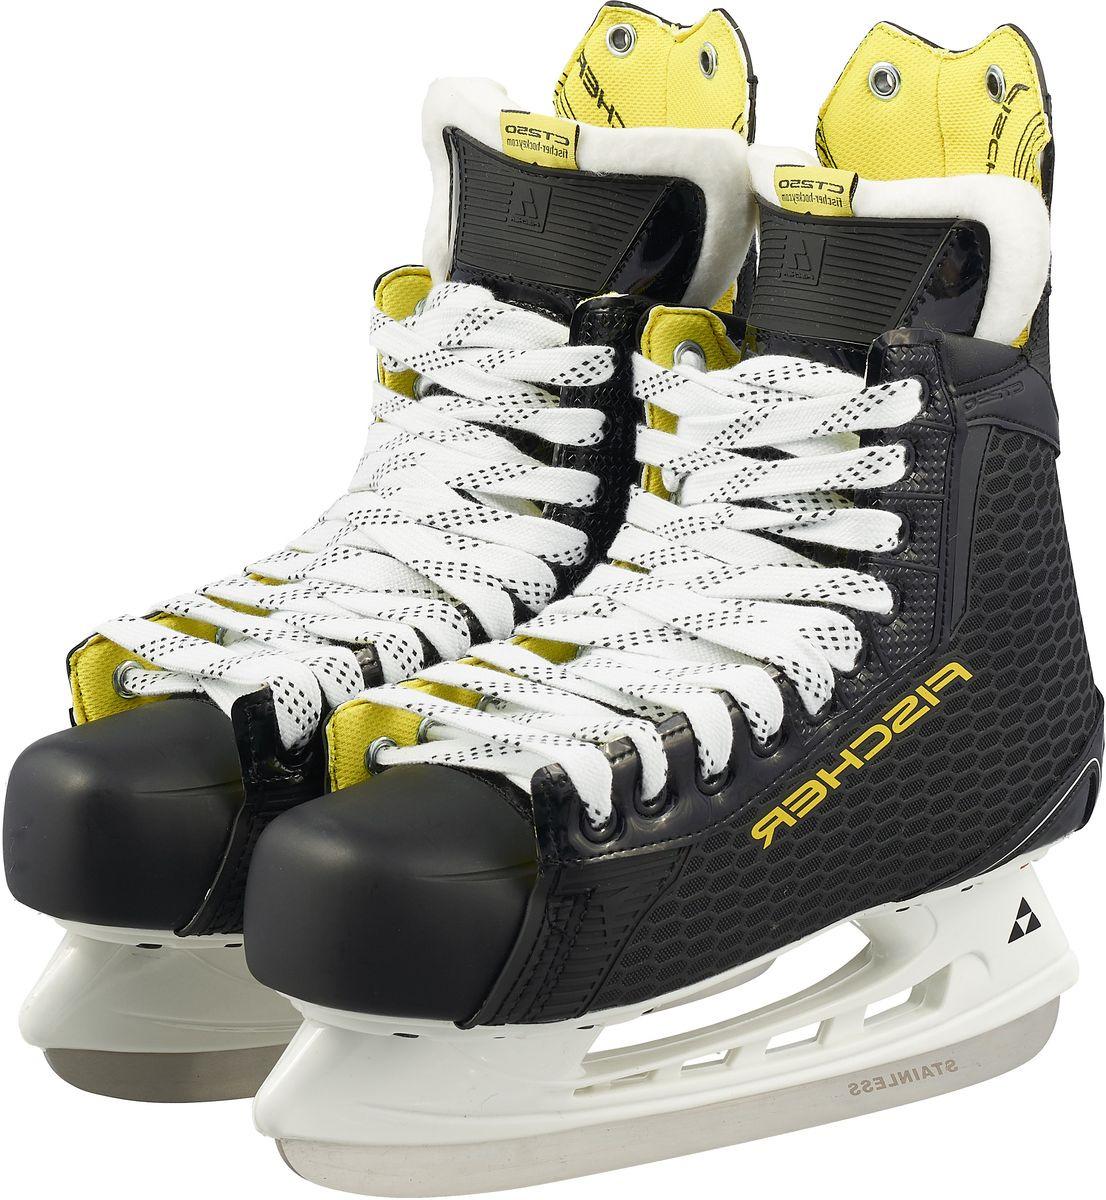 Коньки хоккейные Fischer bauer коньки хоккейные bauer s17 vapor x700